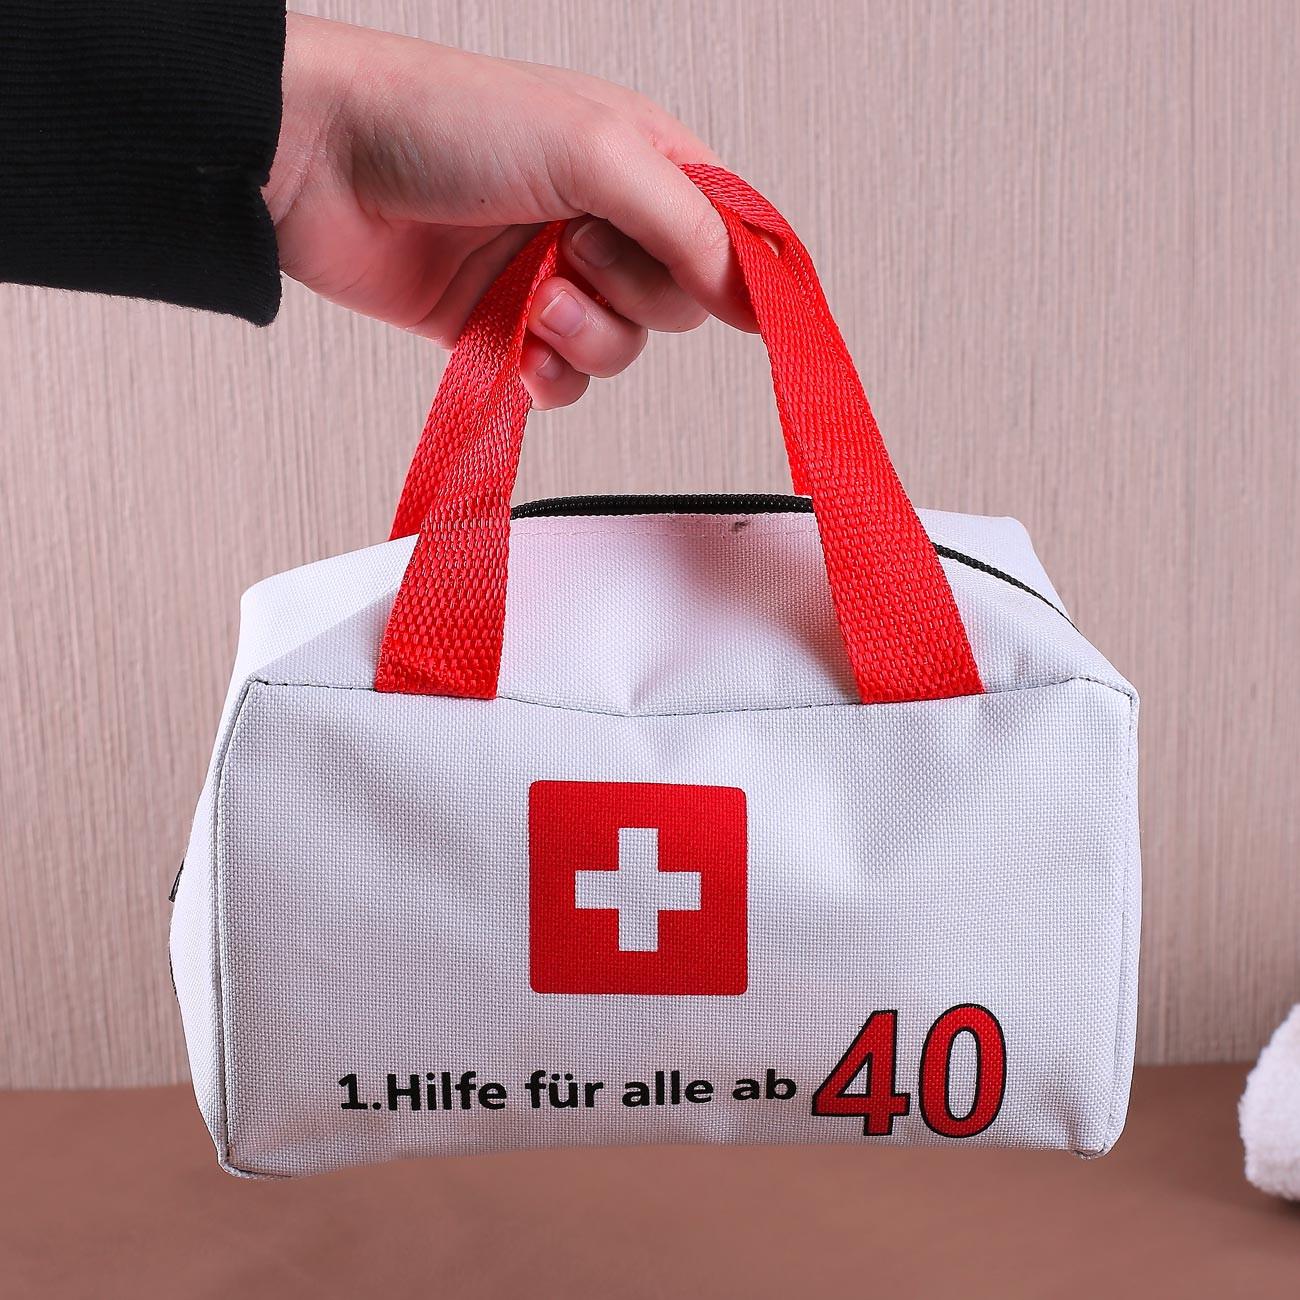 Geschenke Online  kleiner Notfallkoffer zum 40 Geburtstag